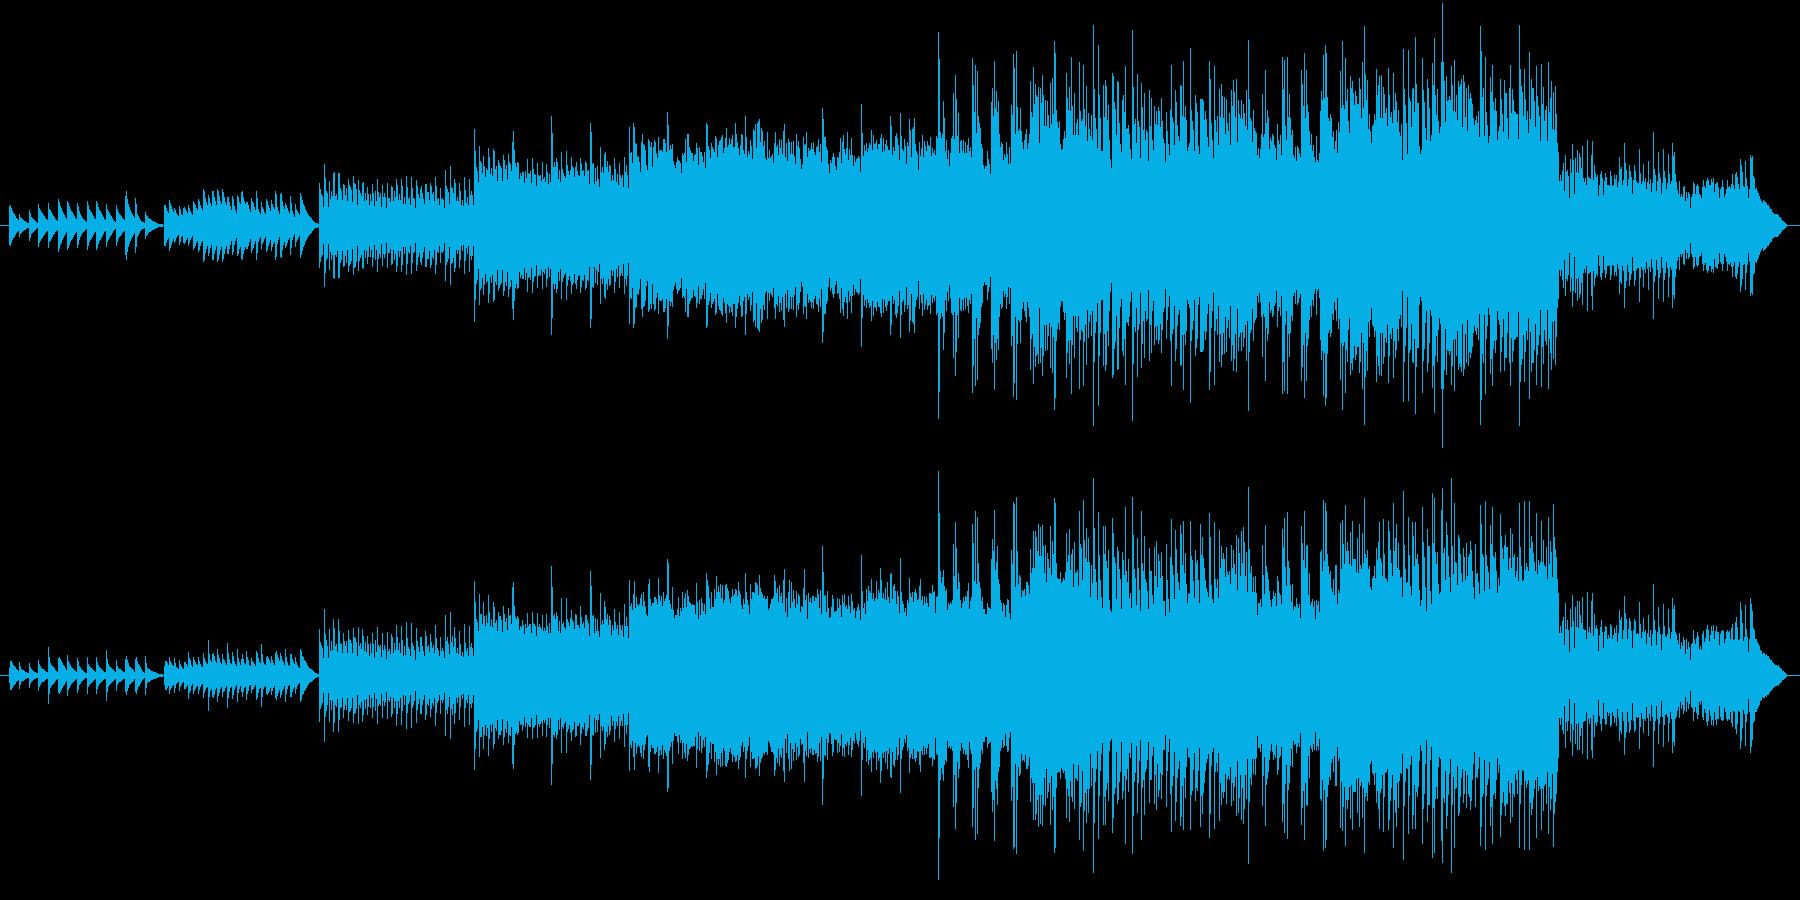 ビブラフォンの音がメインのほのぼの系の再生済みの波形